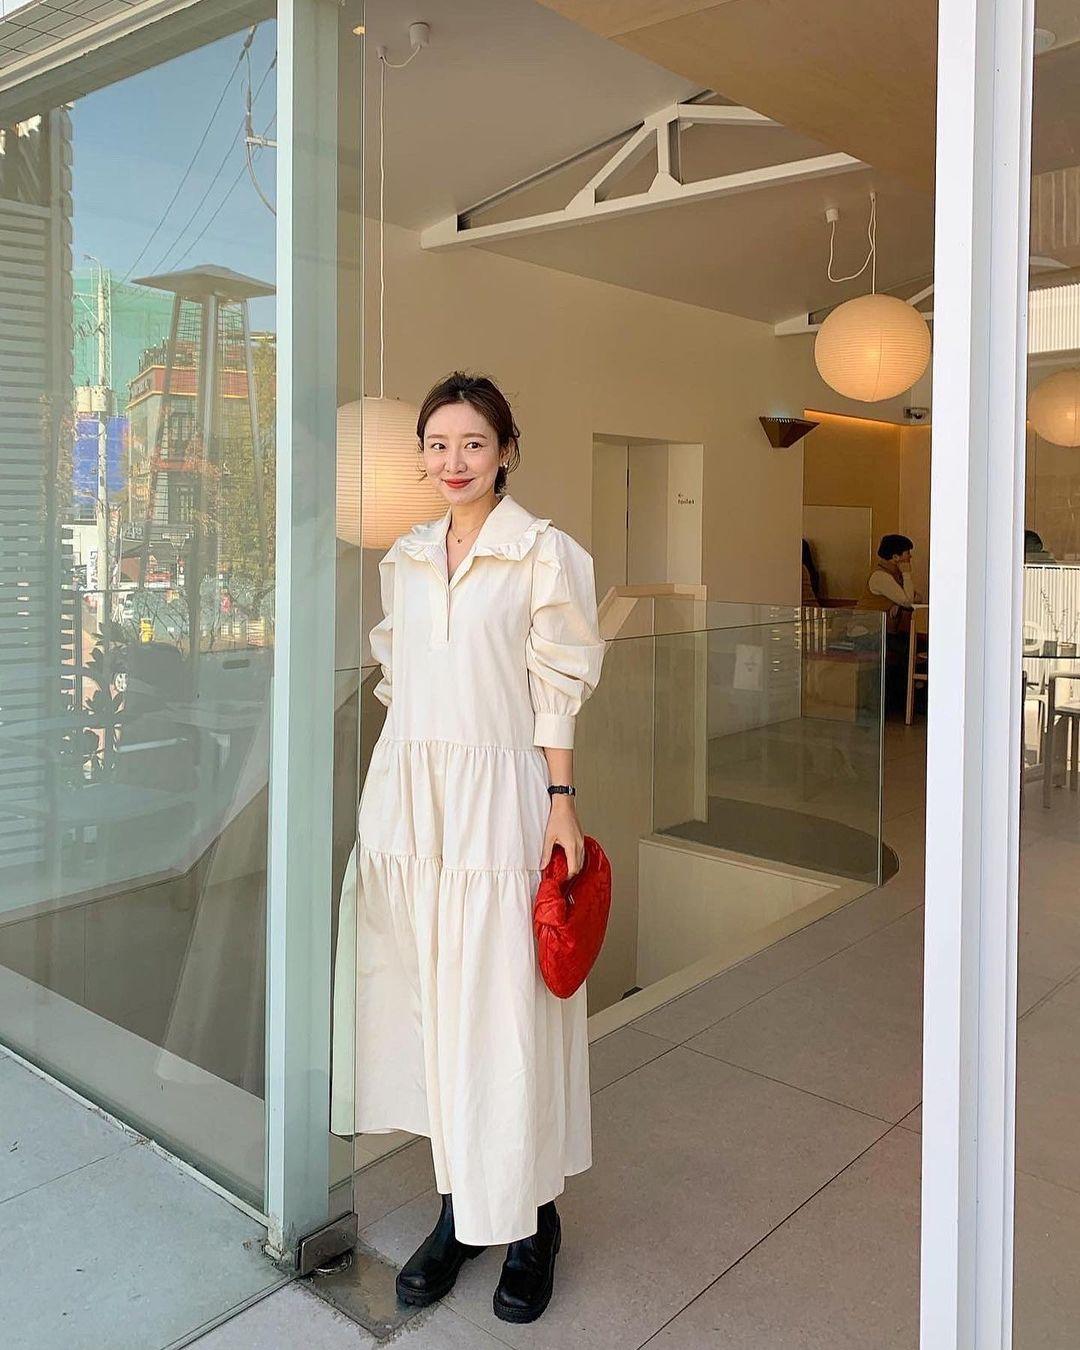 Hè đến là gái Hàn lại diện đủ kiểu váy trắng siêu trẻ xinh và tinh tế, xem mà muốn sắm cả 'lố' về nhà - Ảnh 4